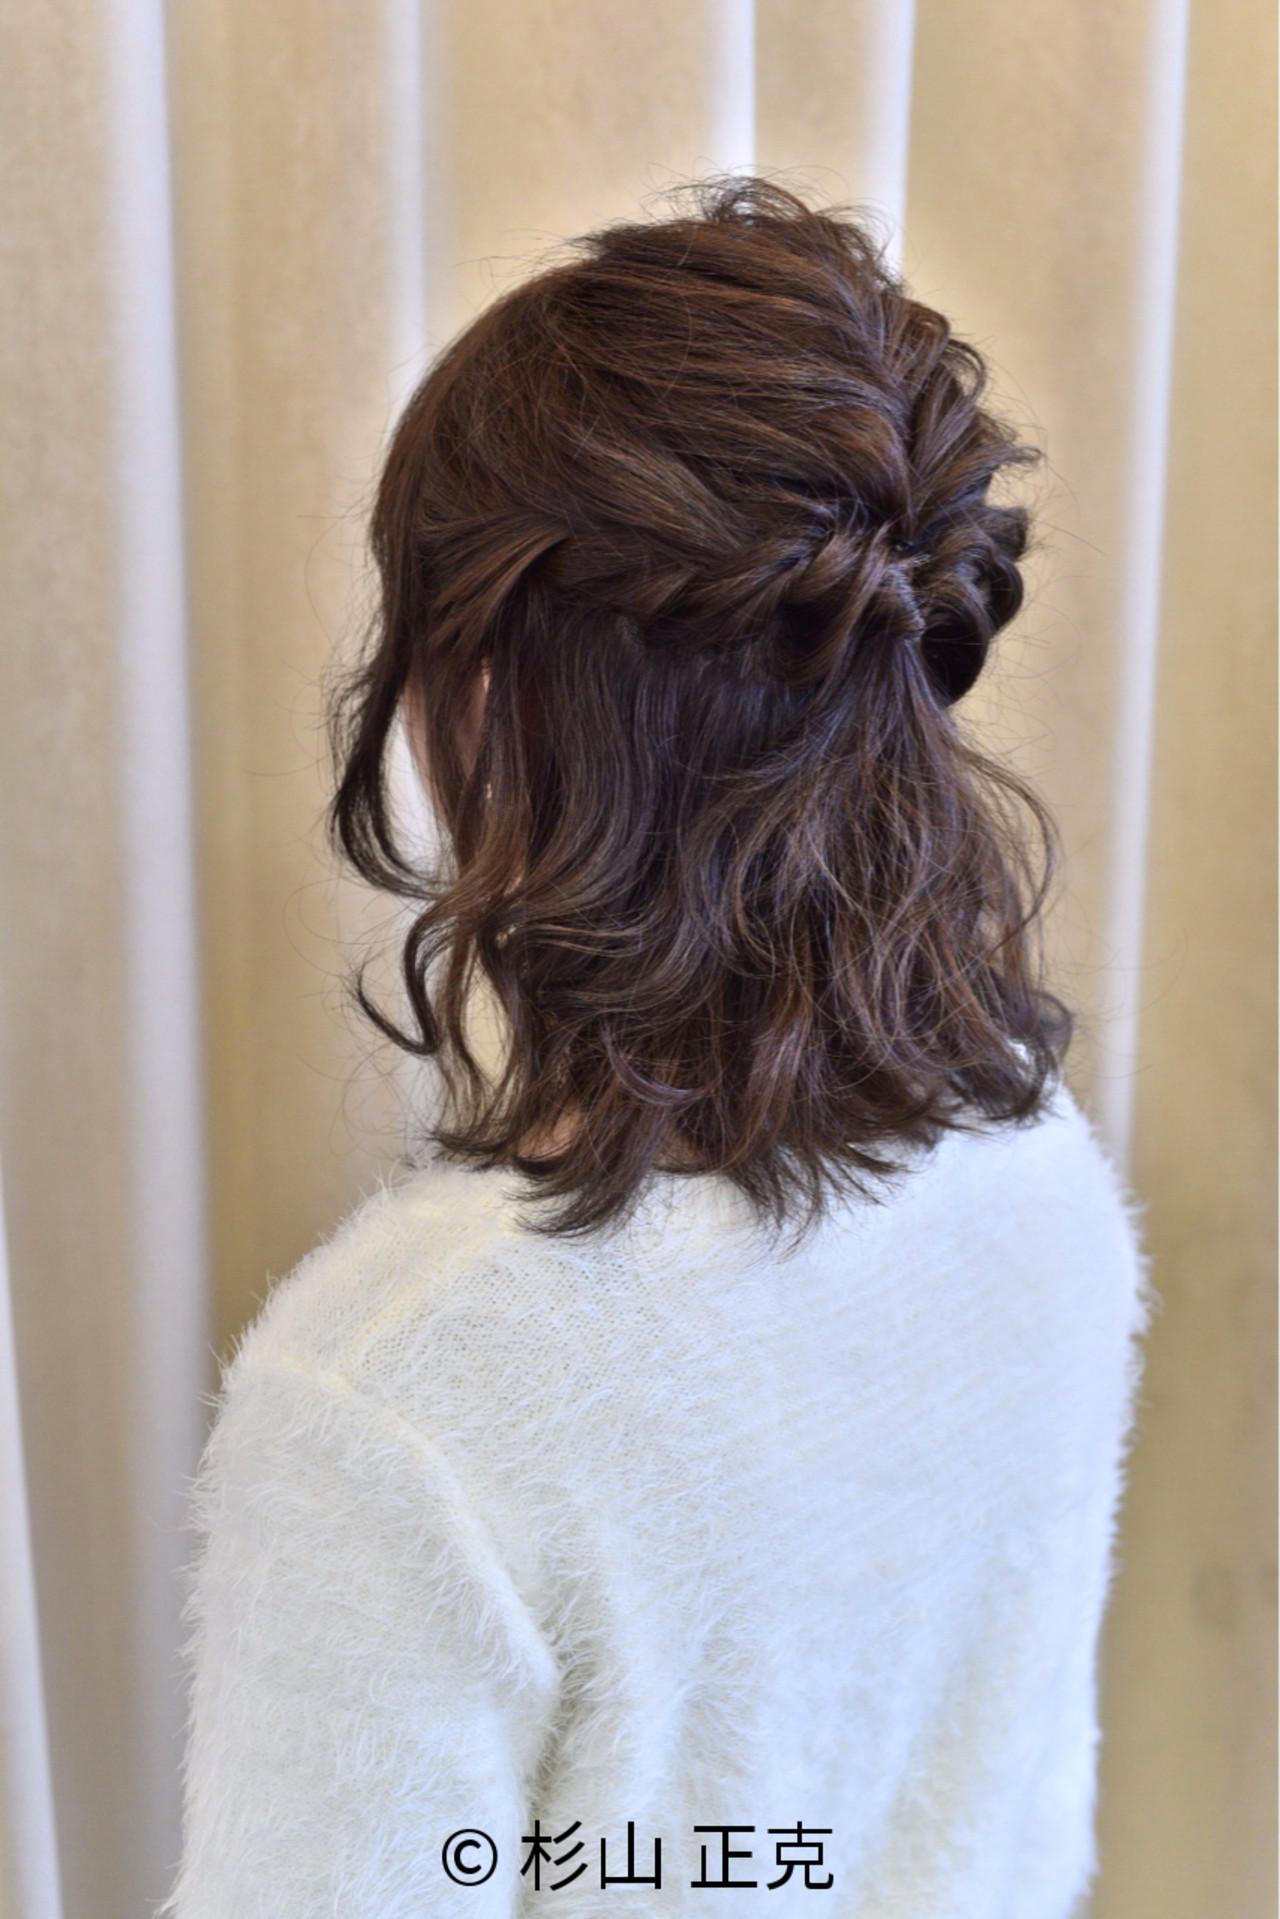 結婚式 ヘアアレンジ 暗髪 大人かわいいヘアスタイルや髪型の写真・画像